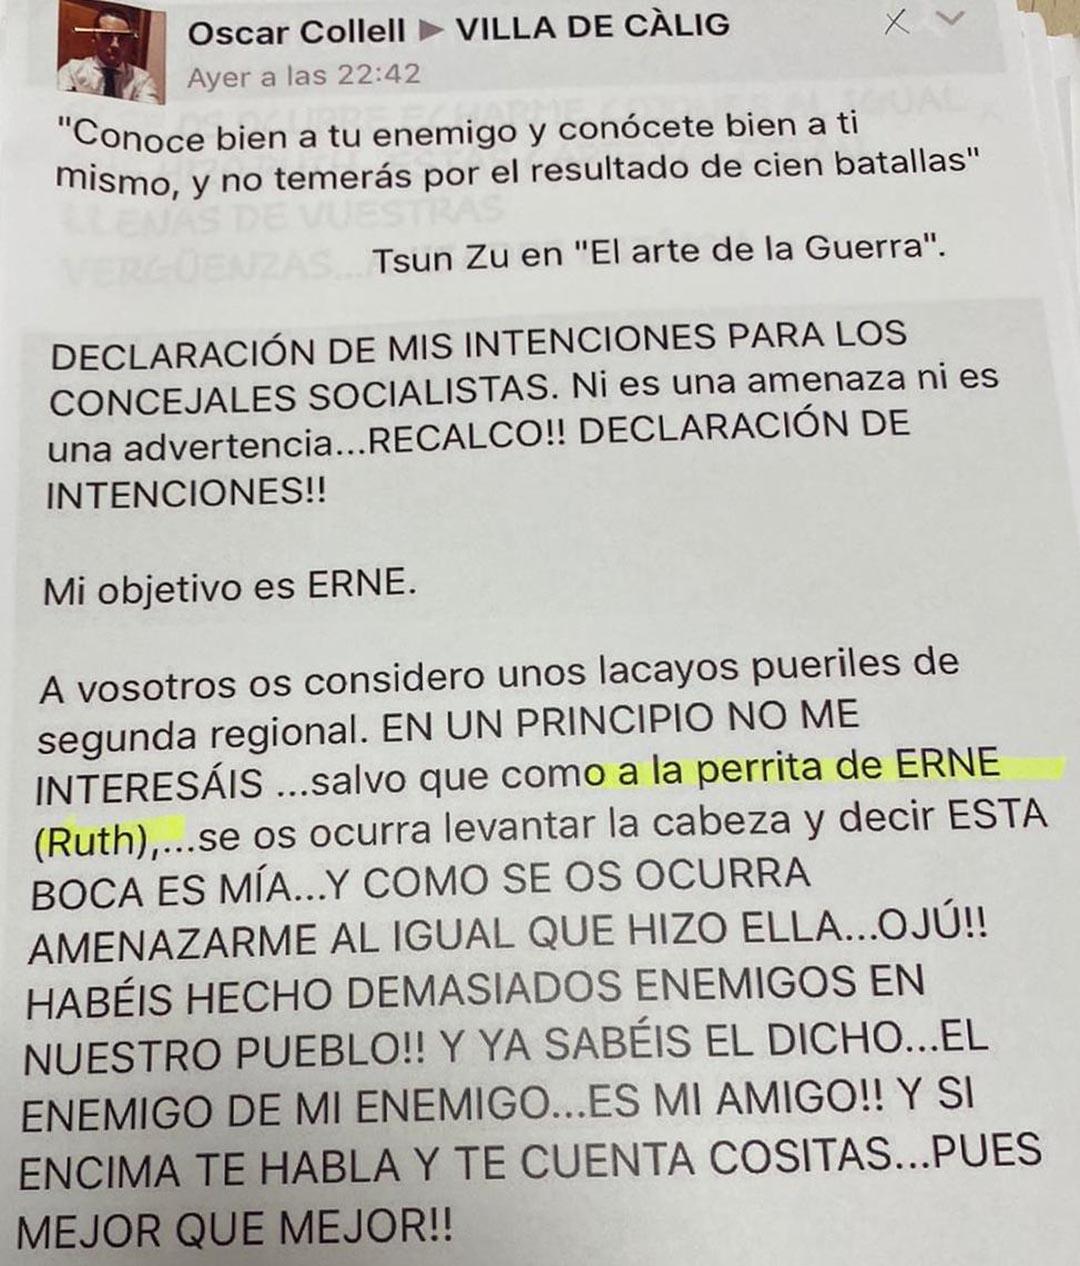 """El portaveu del PP a Càlig li diu """"perrita"""" a la regidora i diputada Ruth Sanz"""